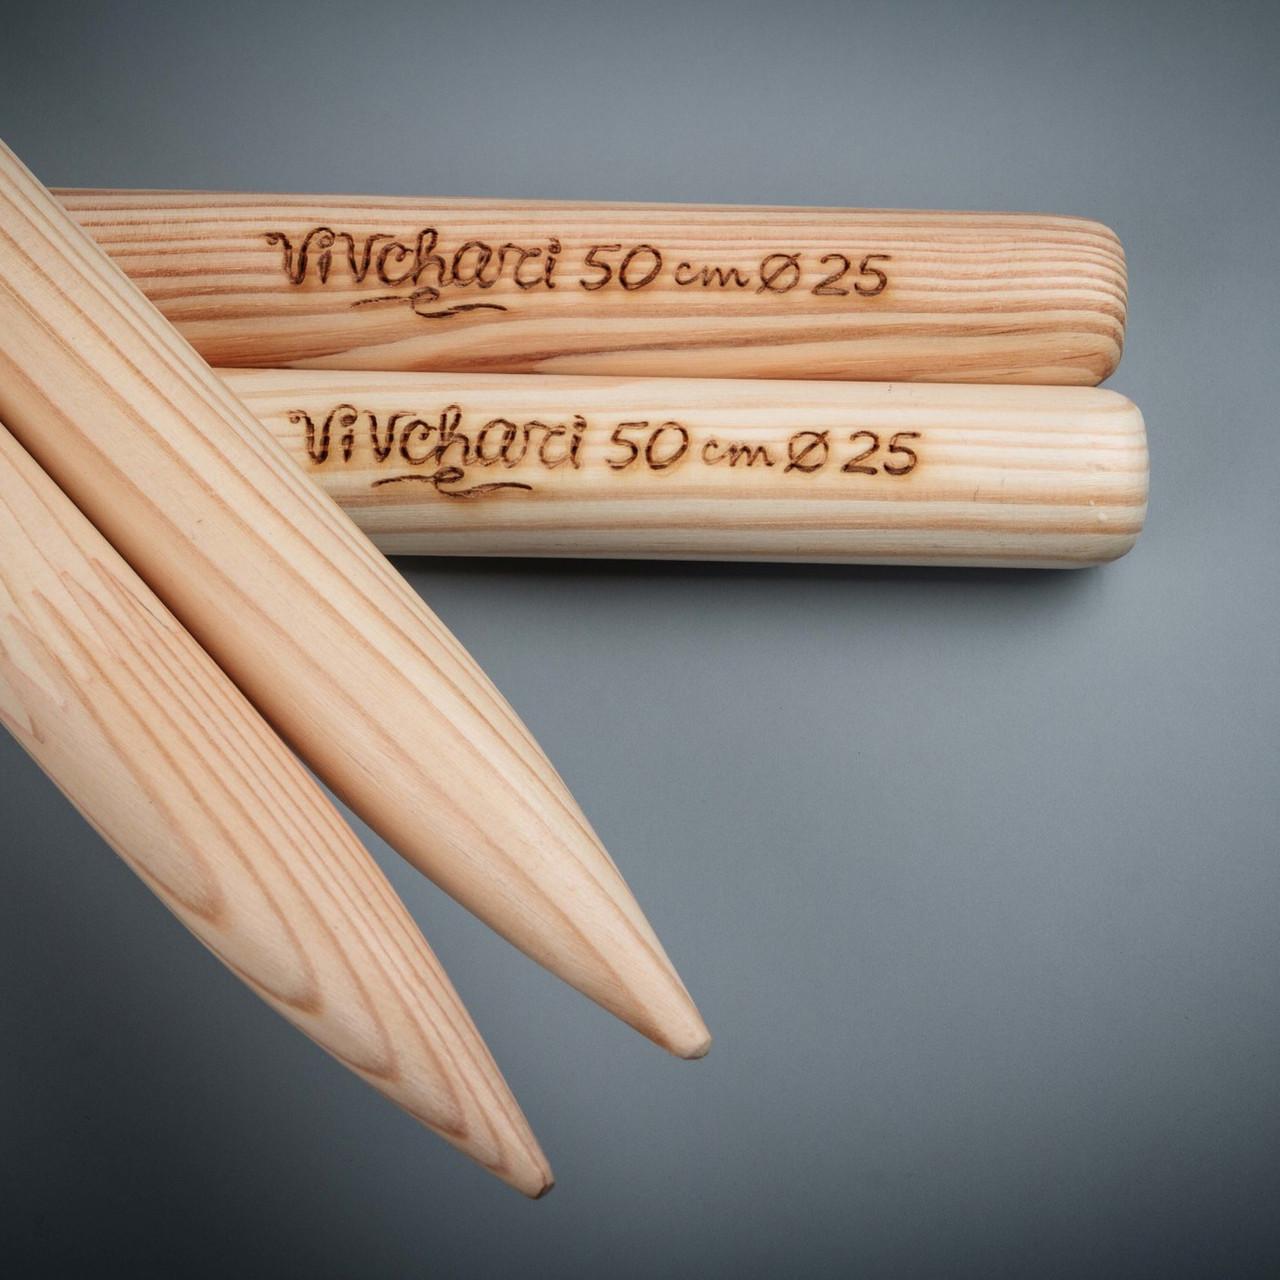 толстые спицы для вязания 25 мм 50 см тм Vivchari цена 195 грн